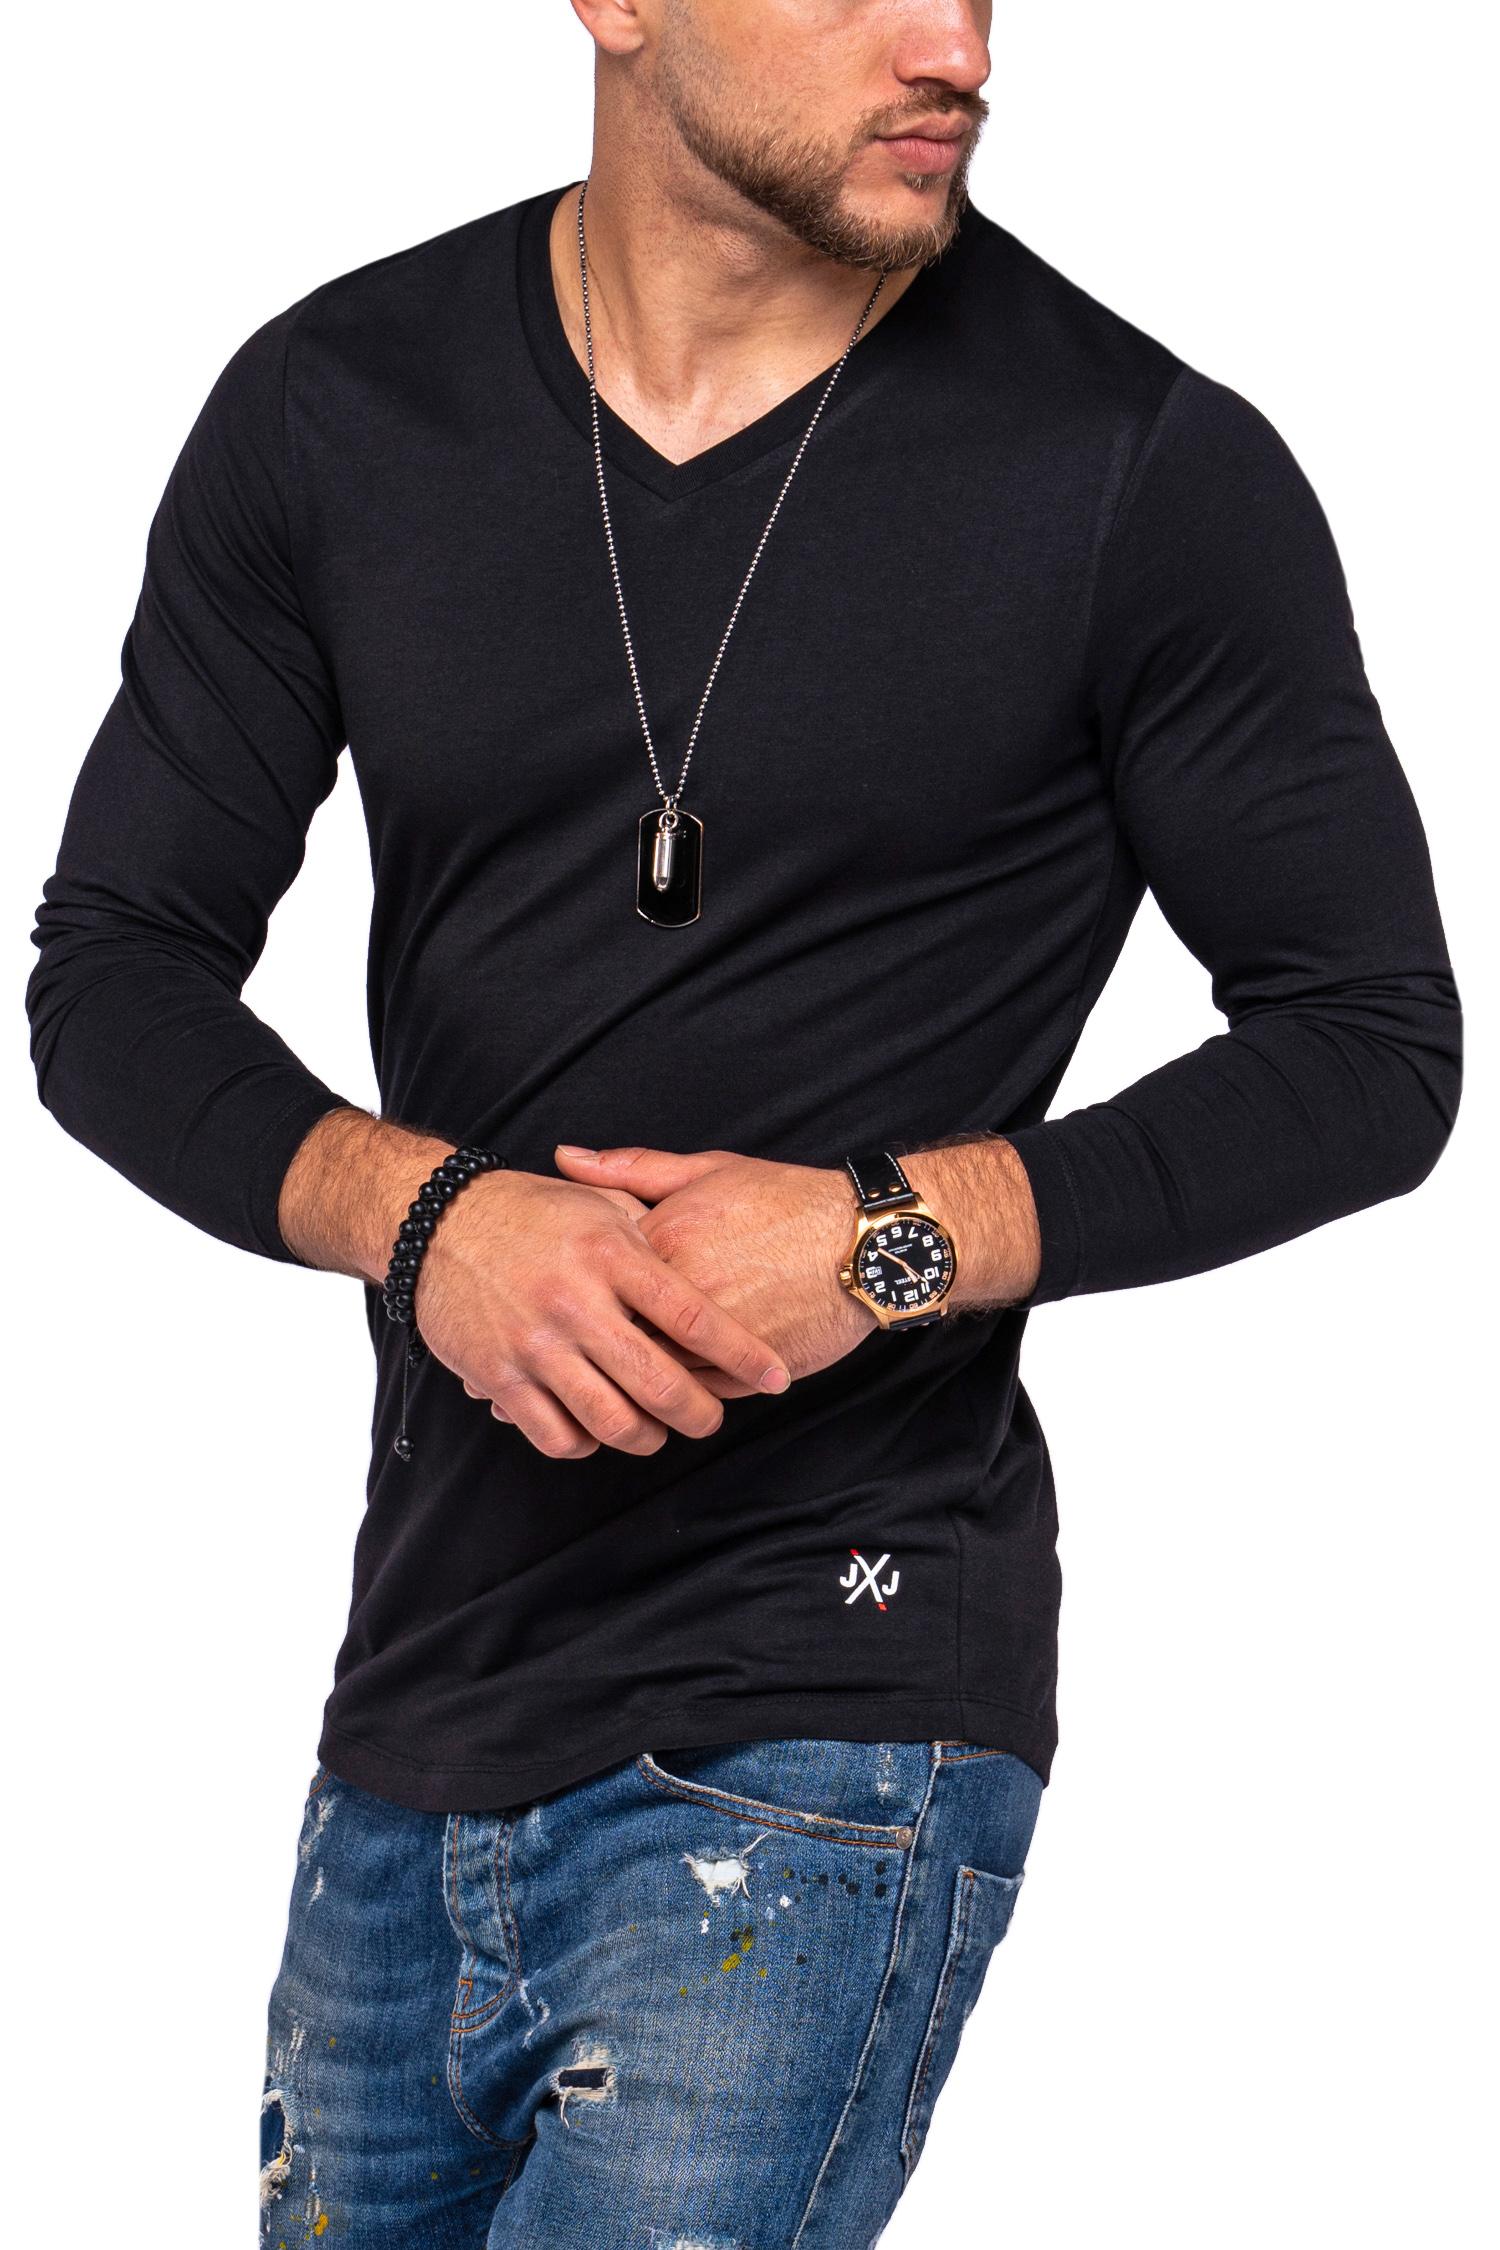 Jack-amp-Jones-Hommes-Chemise-manches-longues-Infinity-Chemise-Longue-V-Neck-T-shirt-Casual-Nouveau miniature 3